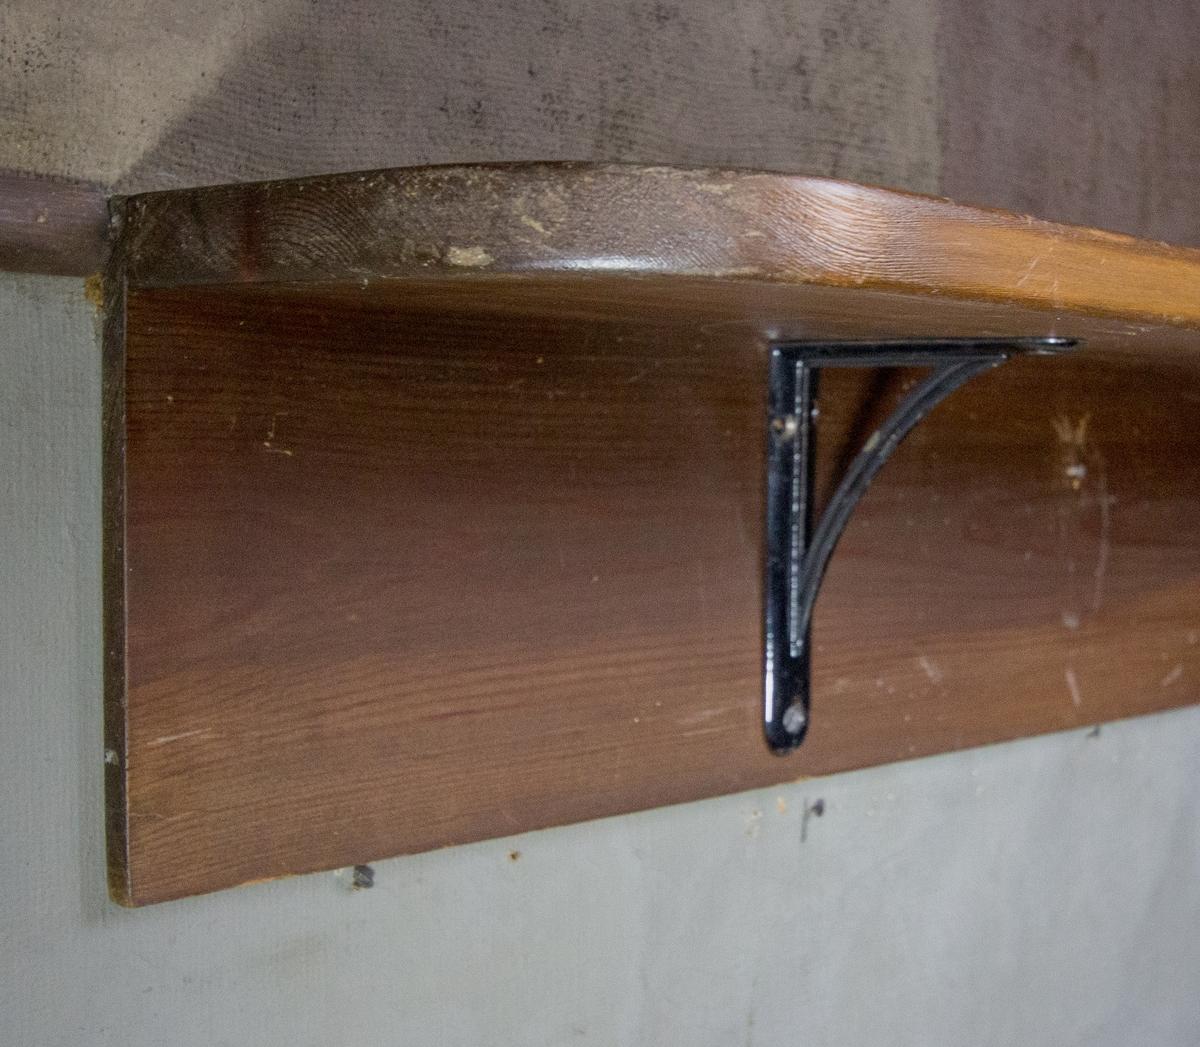 Hylla, vägghylla, av brunbetsad furu. Slätt hyllplan med ett rundat hörn. Horisontell bräda fäst på baksidan med tre svartmålade metallkonsoler som håller upp hyllplanet.